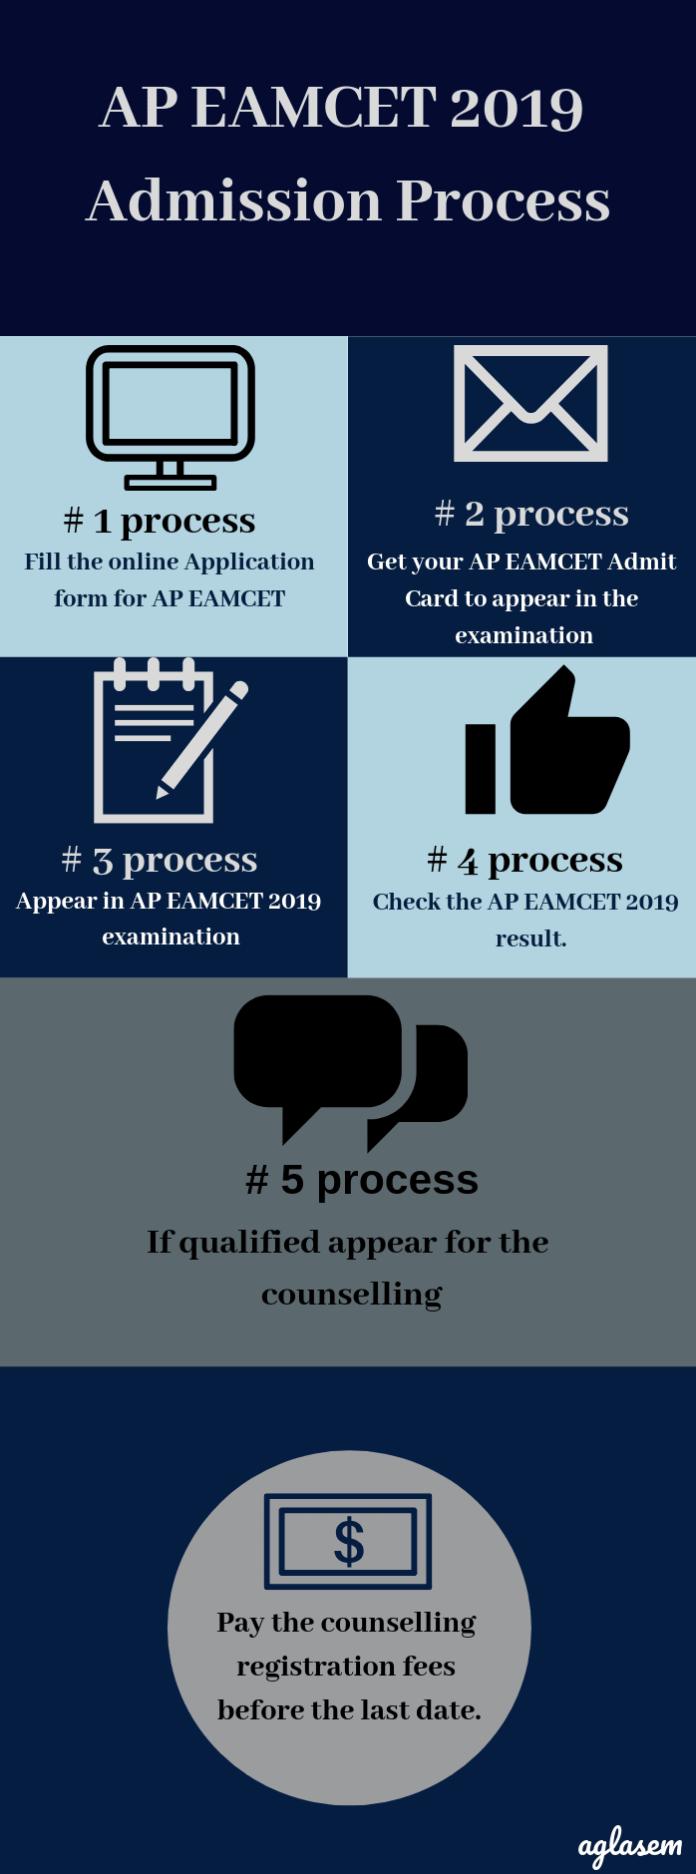 AP EAMCET 2019 Admission Process